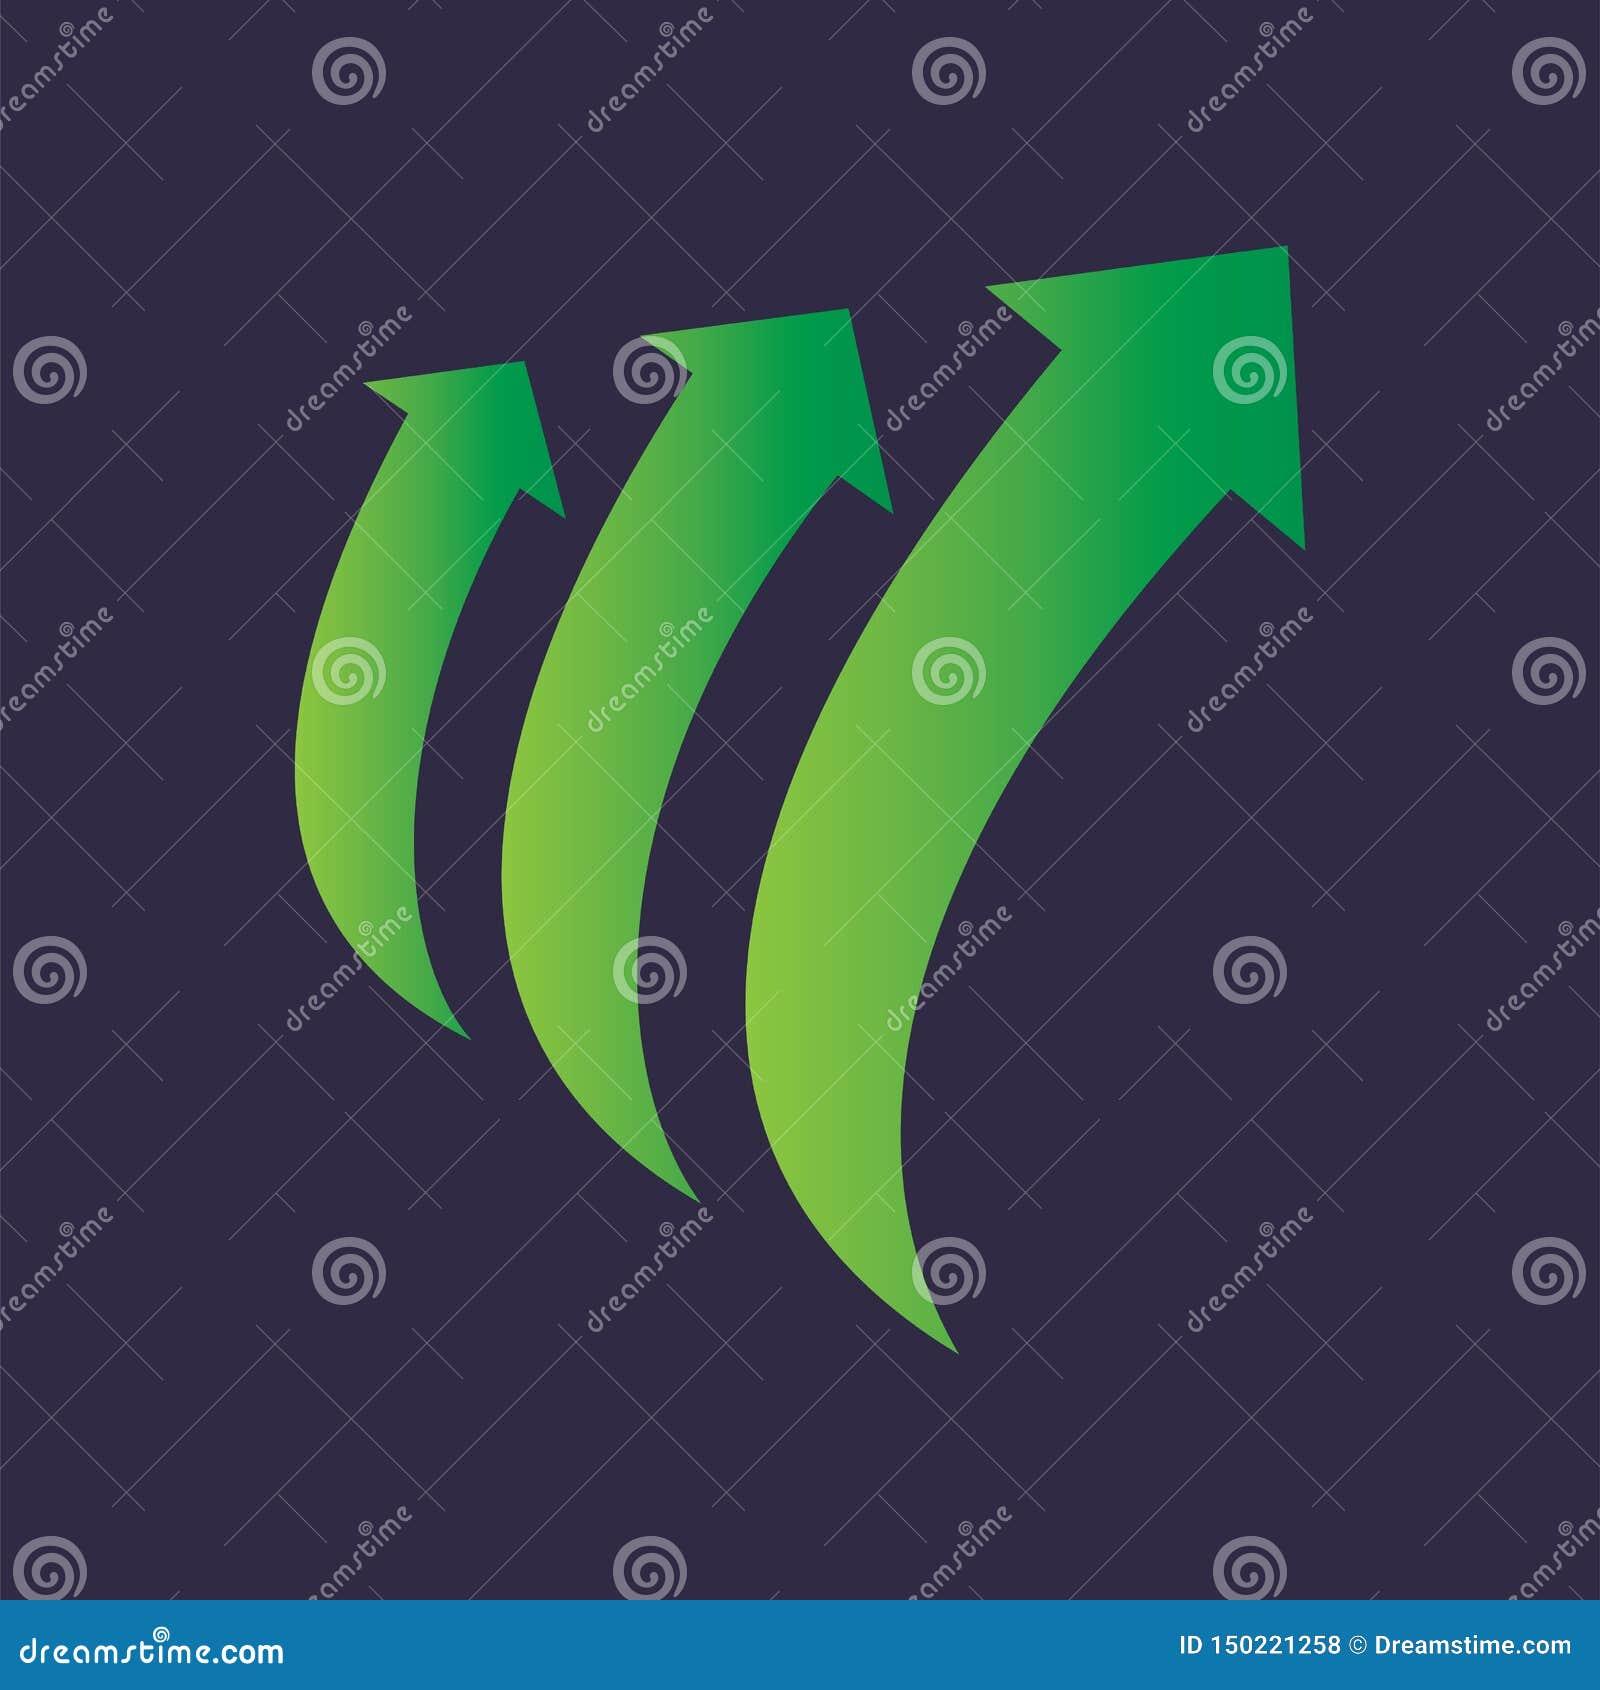 Arrow Cycle Step Up Logo Vector